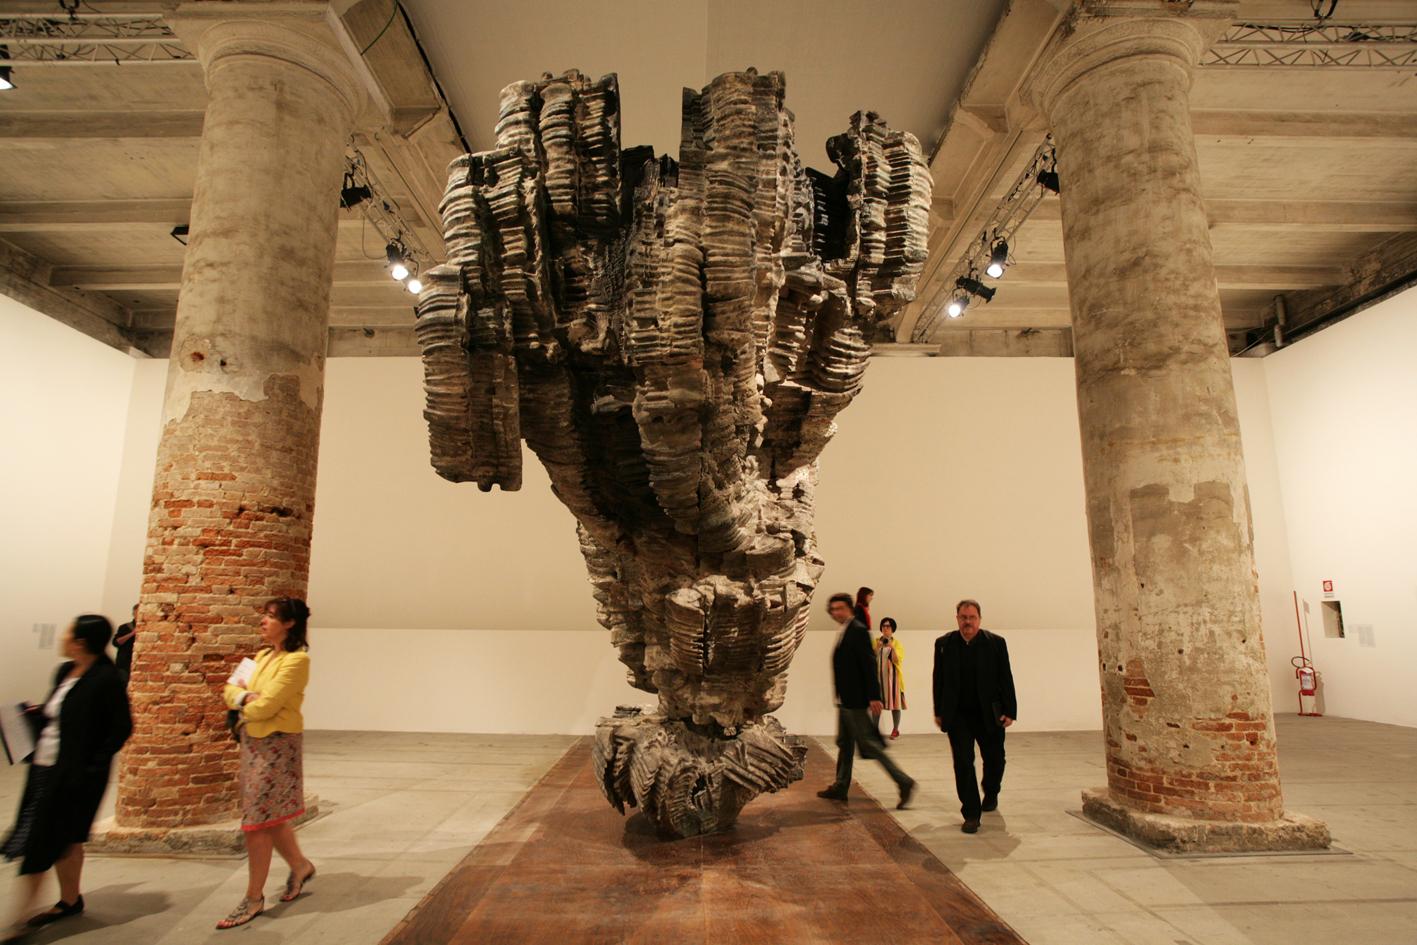 Biennale di Venezia, Il Palazzo Enciclopedico